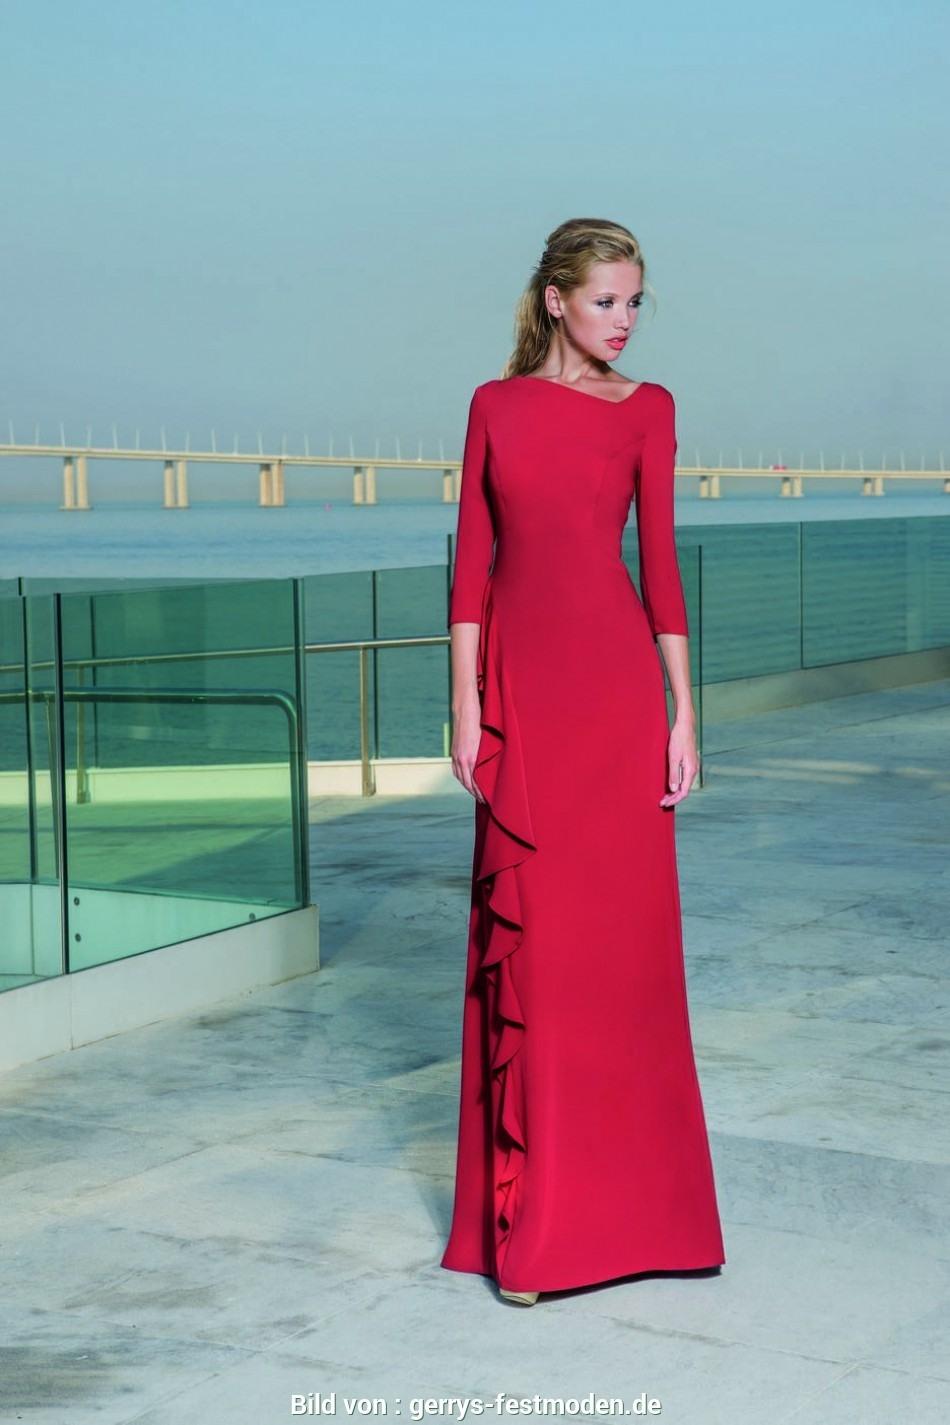 Formal Einzigartig Abendkleider Verleih Berlin Bester PreisDesigner Wunderbar Abendkleider Verleih Berlin Design